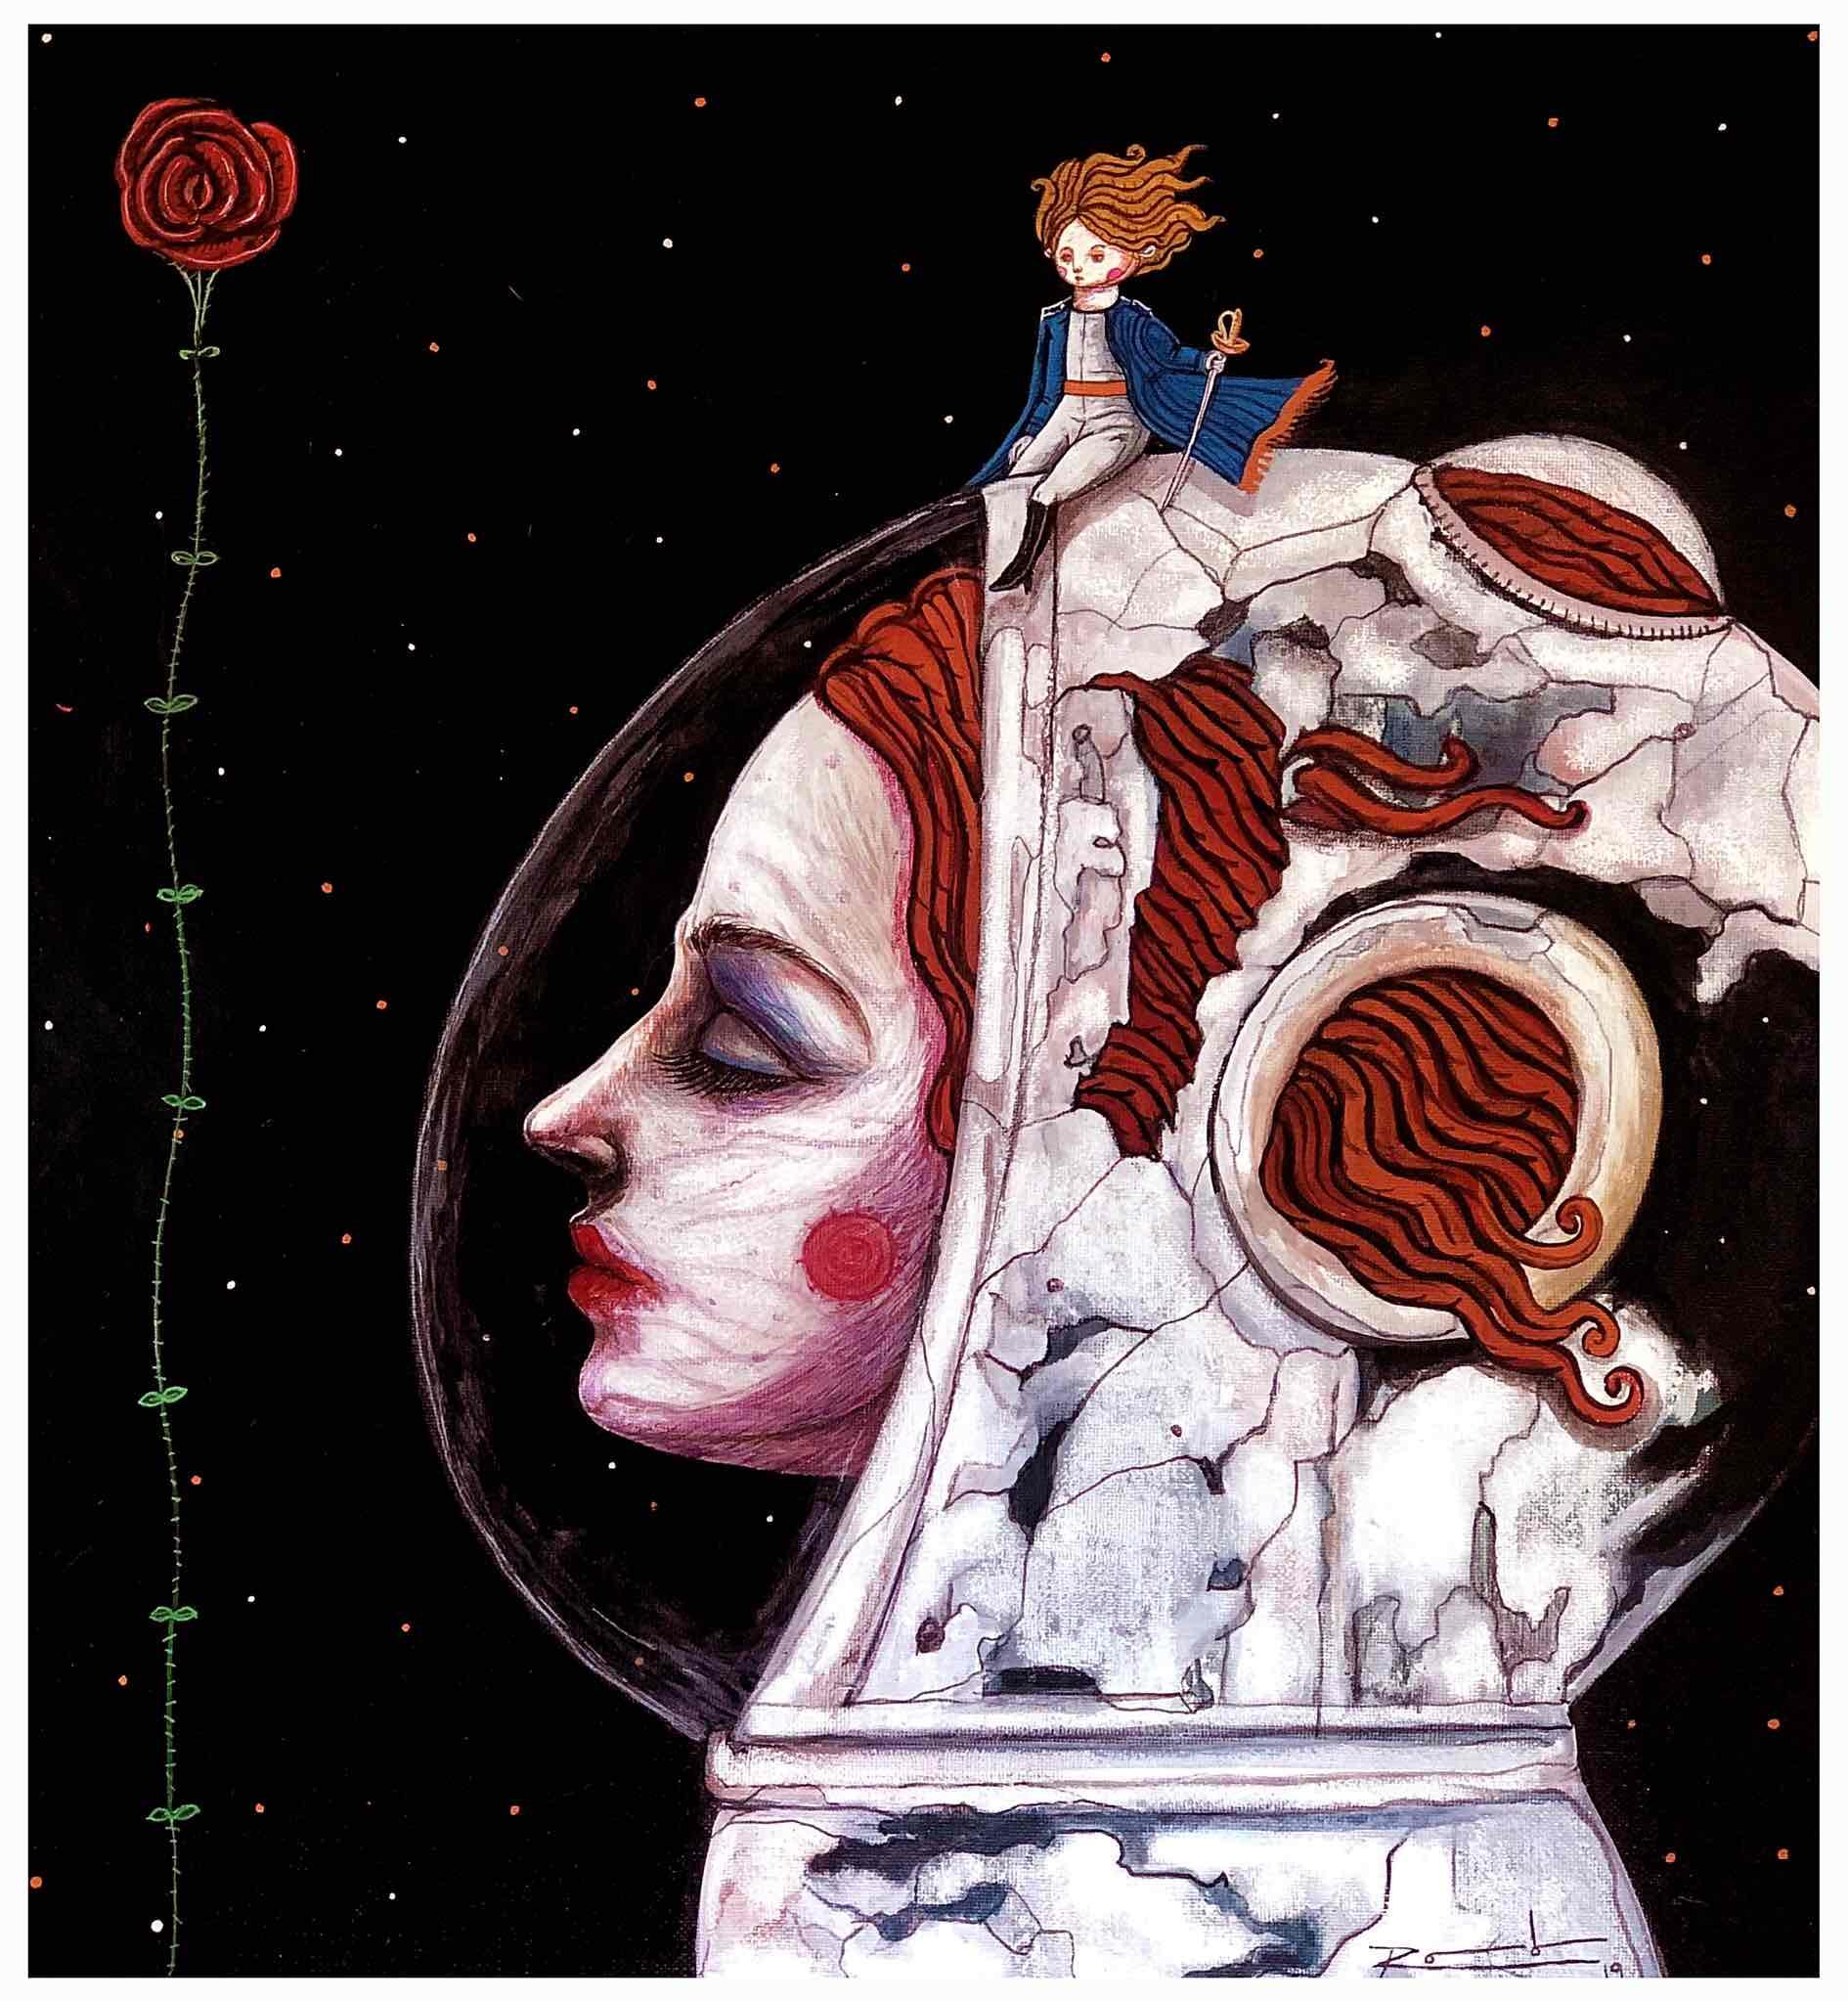 Obra: Posado sobre la Luna